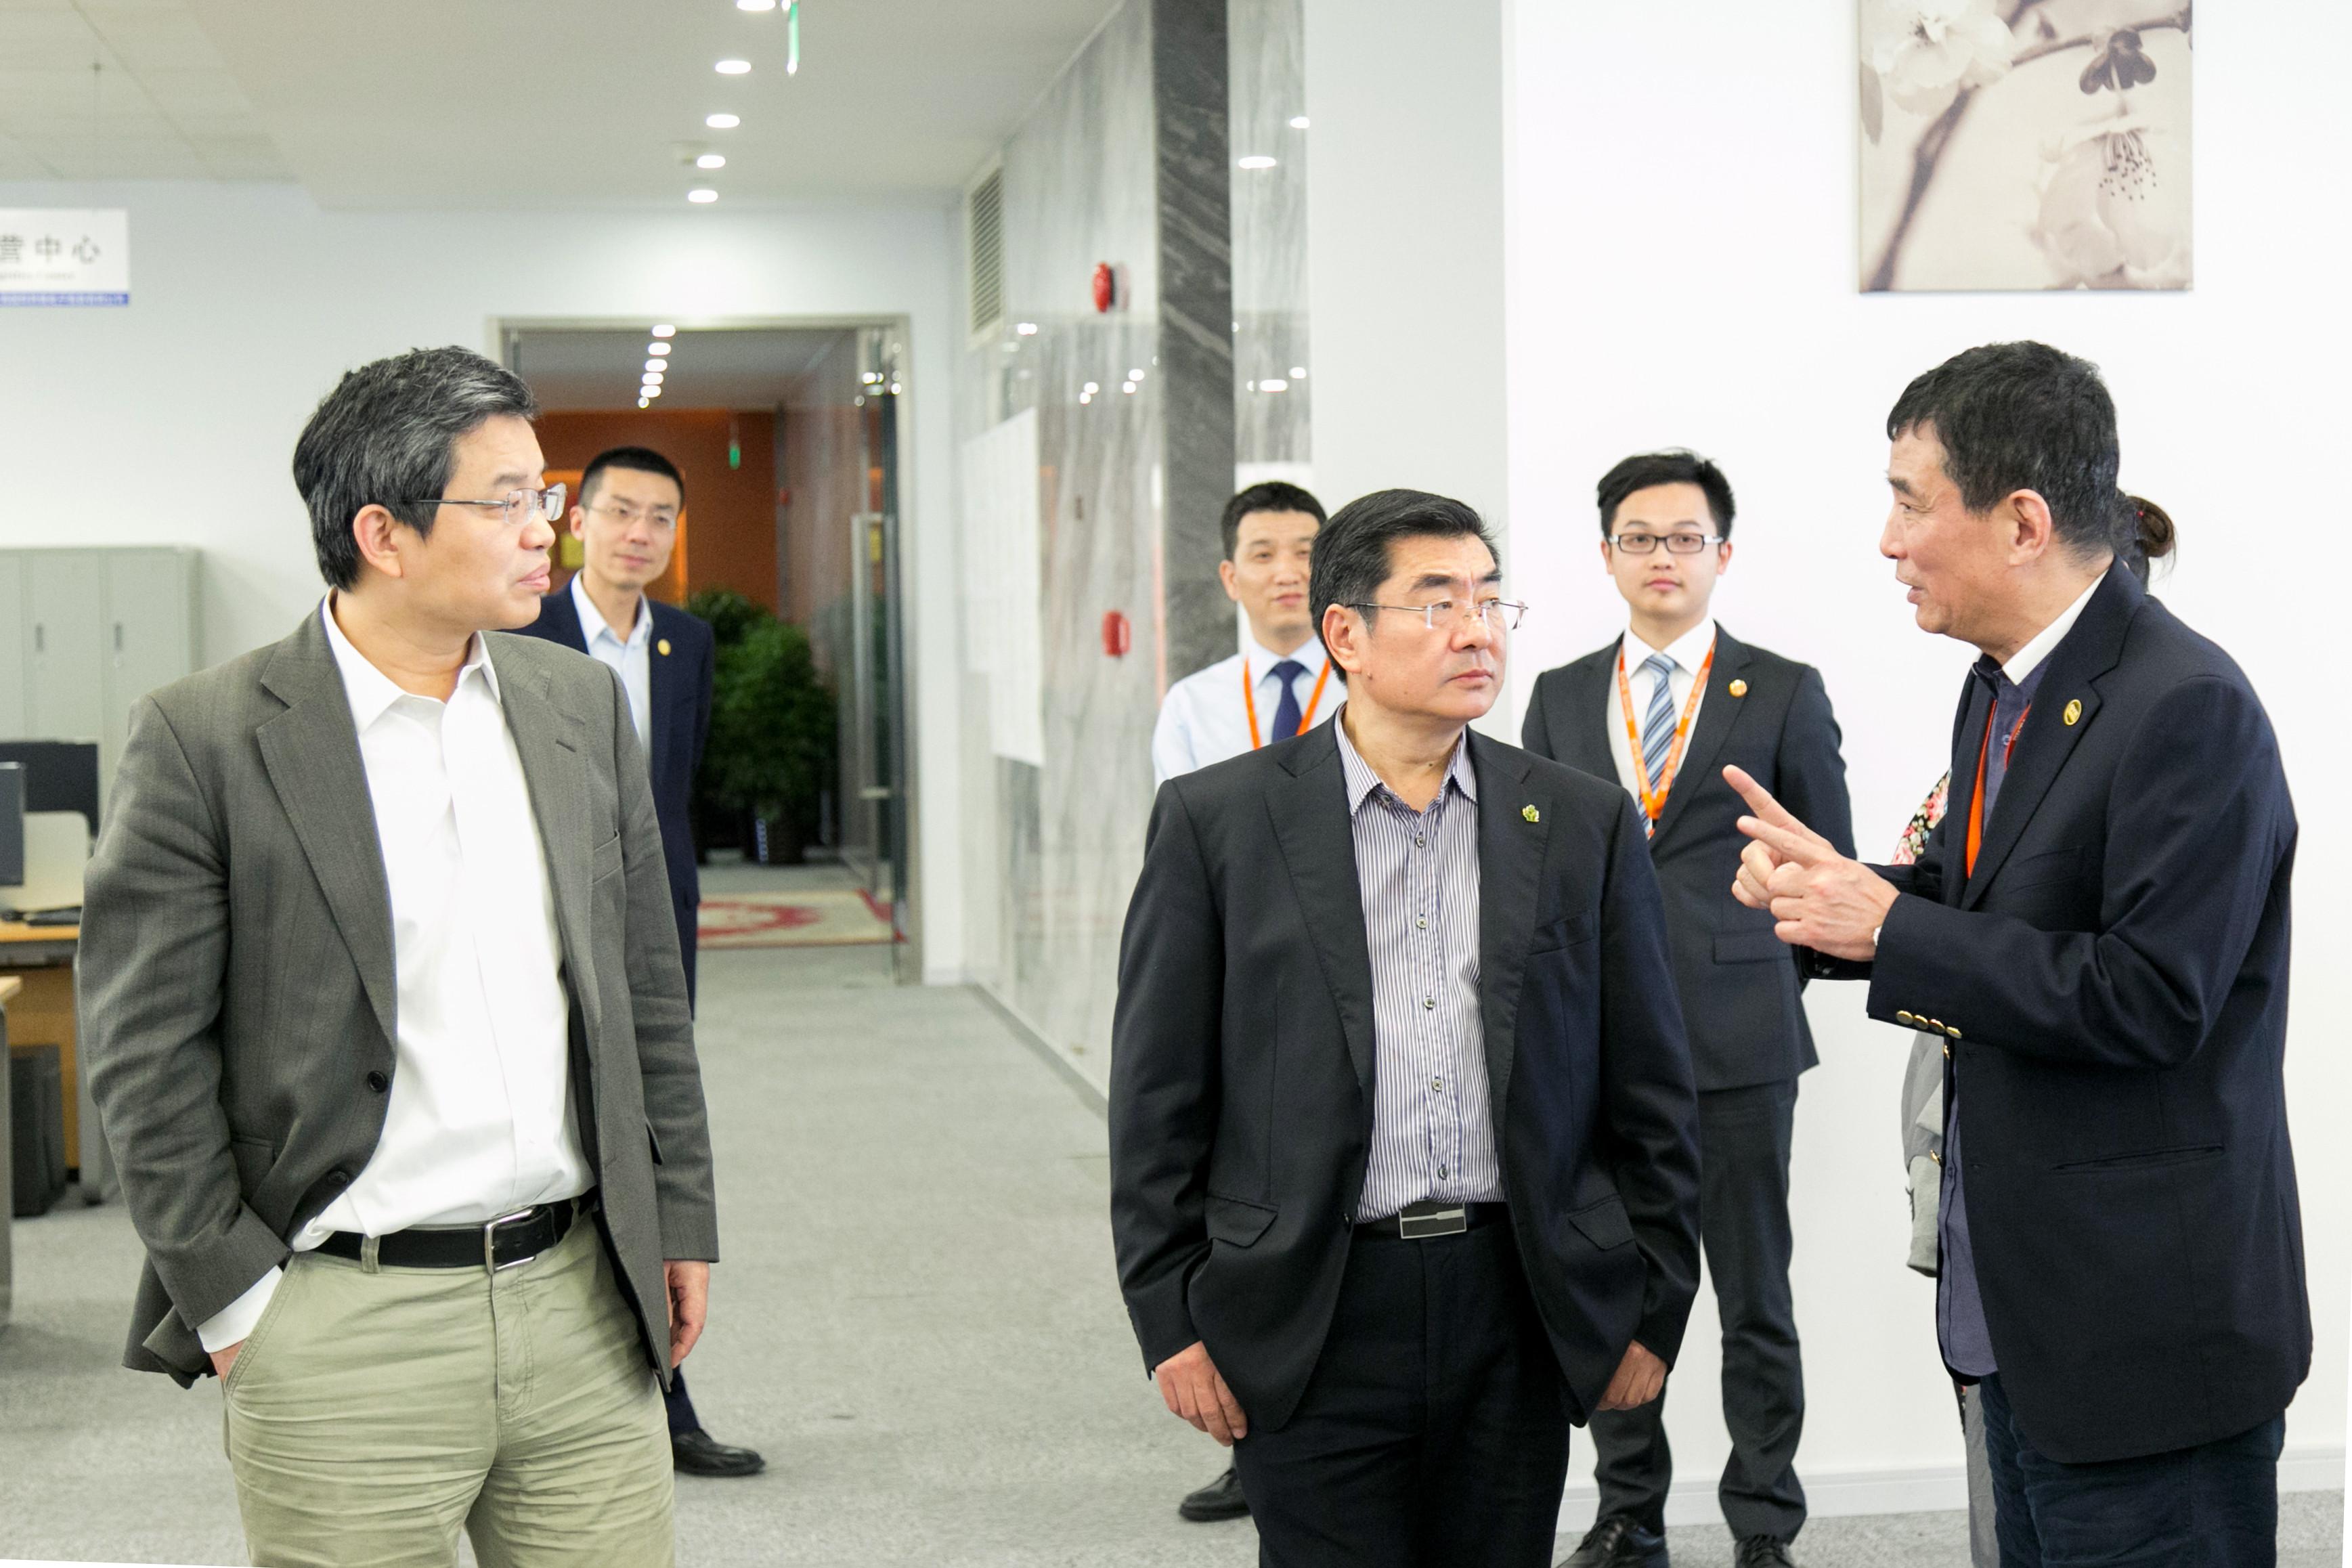 中国石油和化学工业联合会傅向升副会长一行莅临国烨指导工作